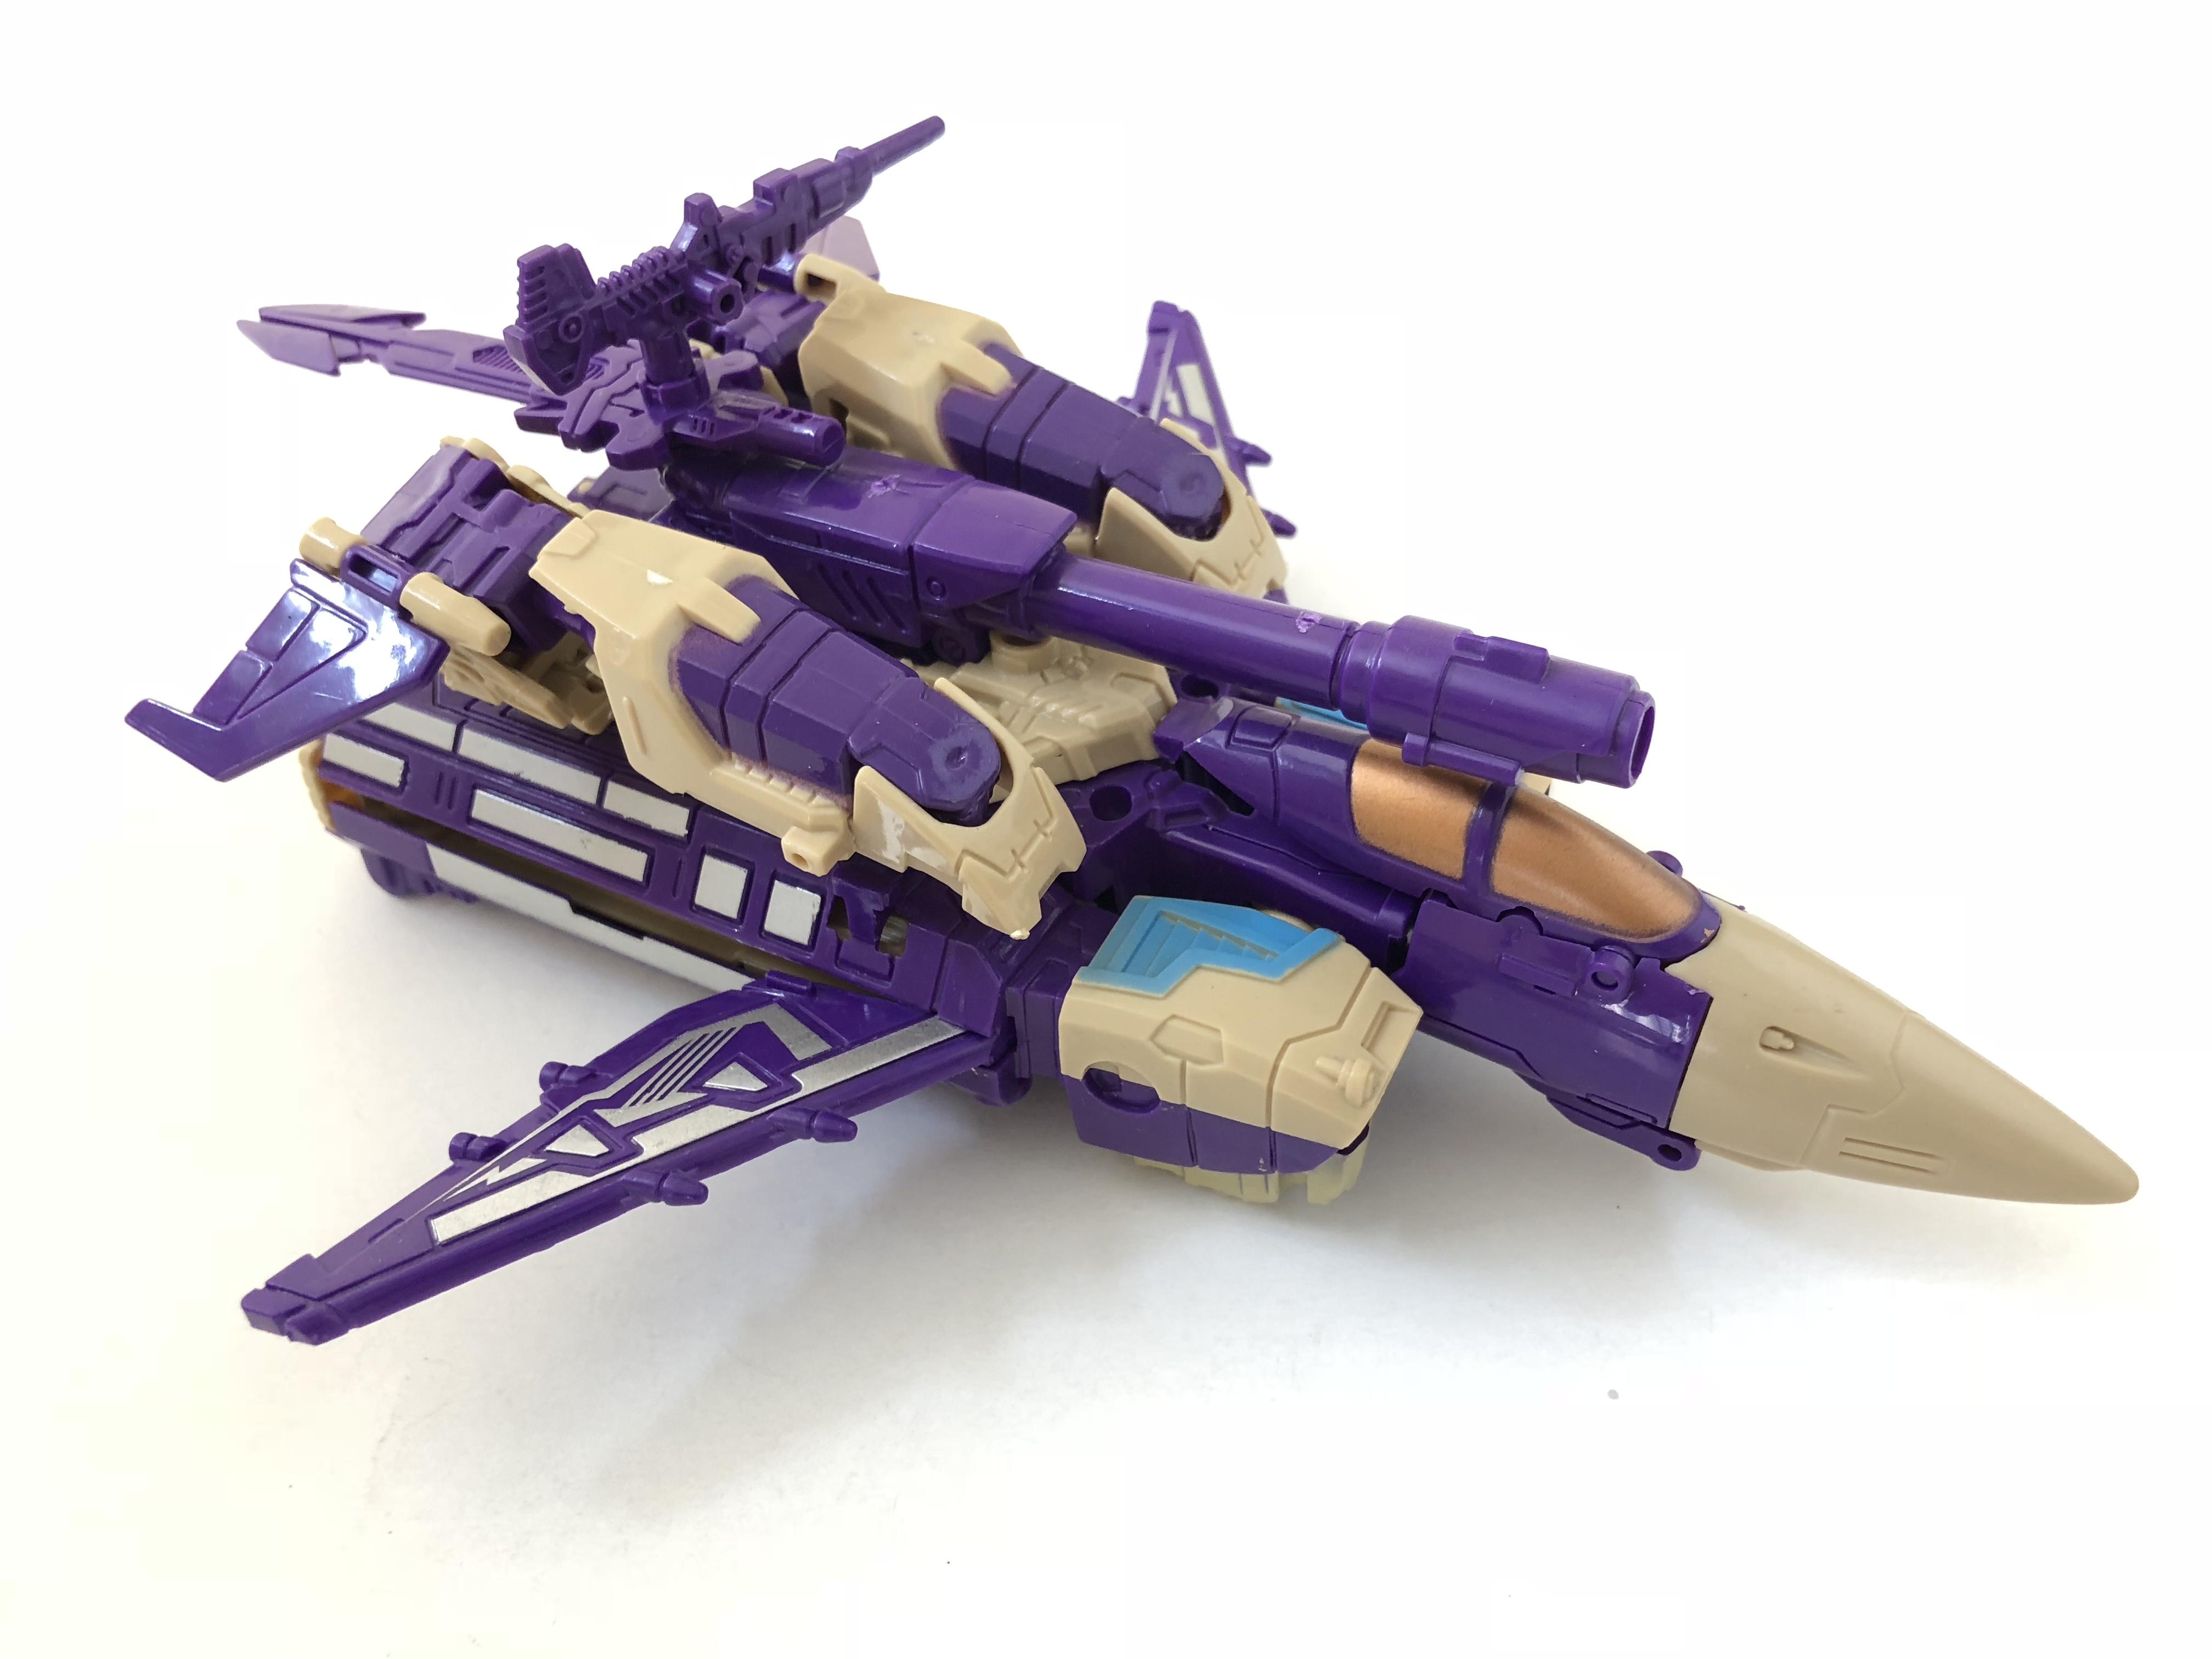 Робот-трансформер База игрушек Разрушитель робот трансформер 3 в 1 база игрушек защитник